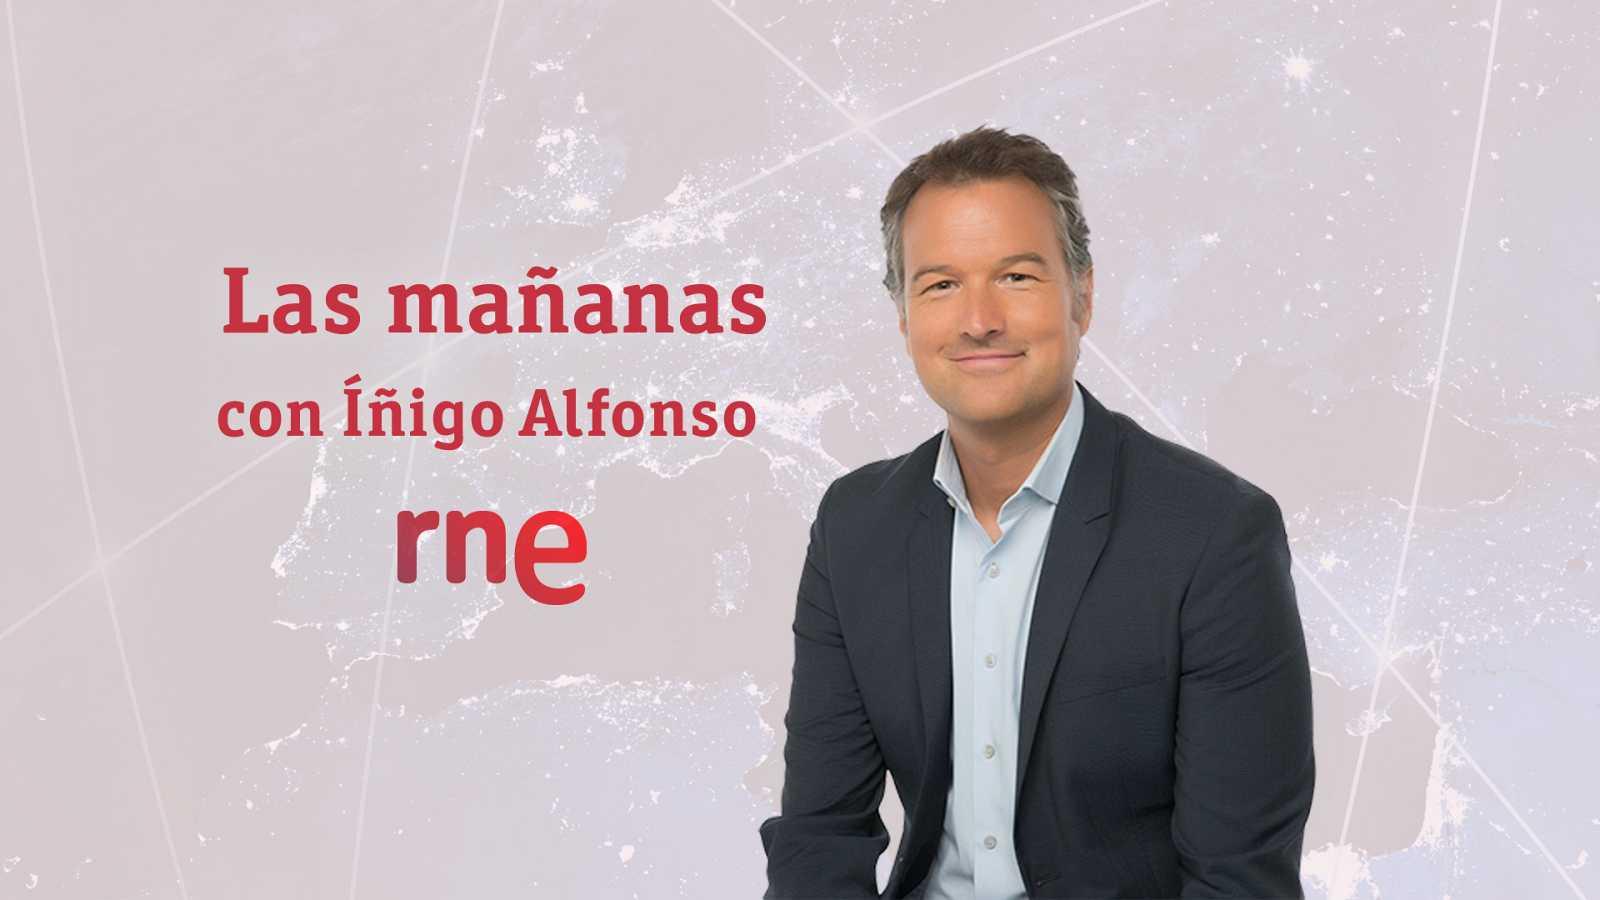 Las mañanas de RNE con Íñigo Alfonso - Primera hora - 29/10/20 - escuchar ahora